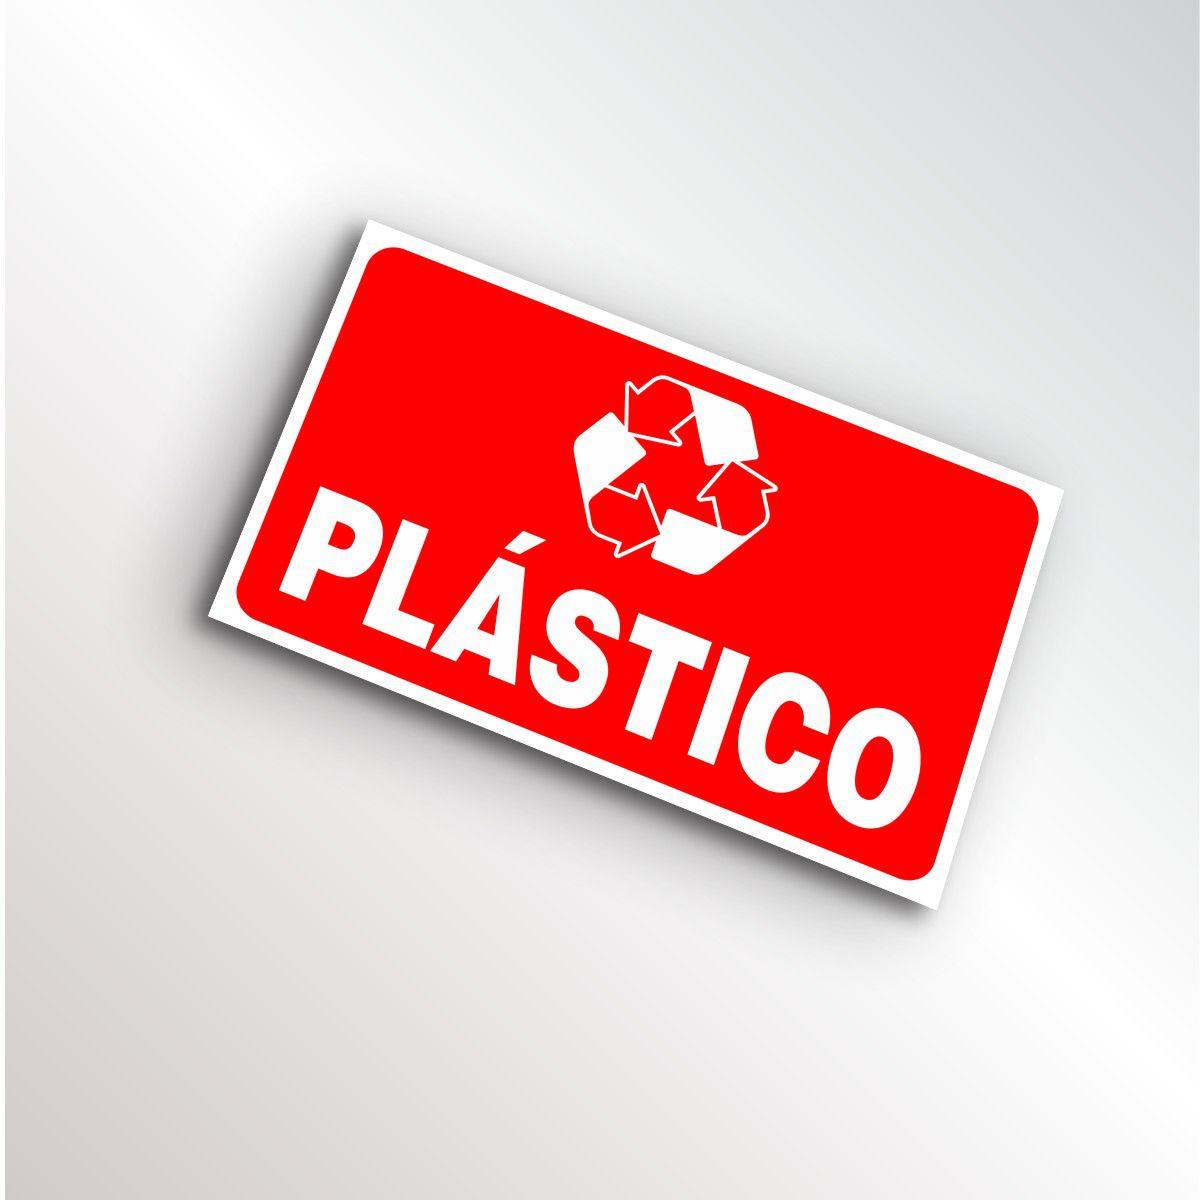 Placa Lixo Reciclável Plástico